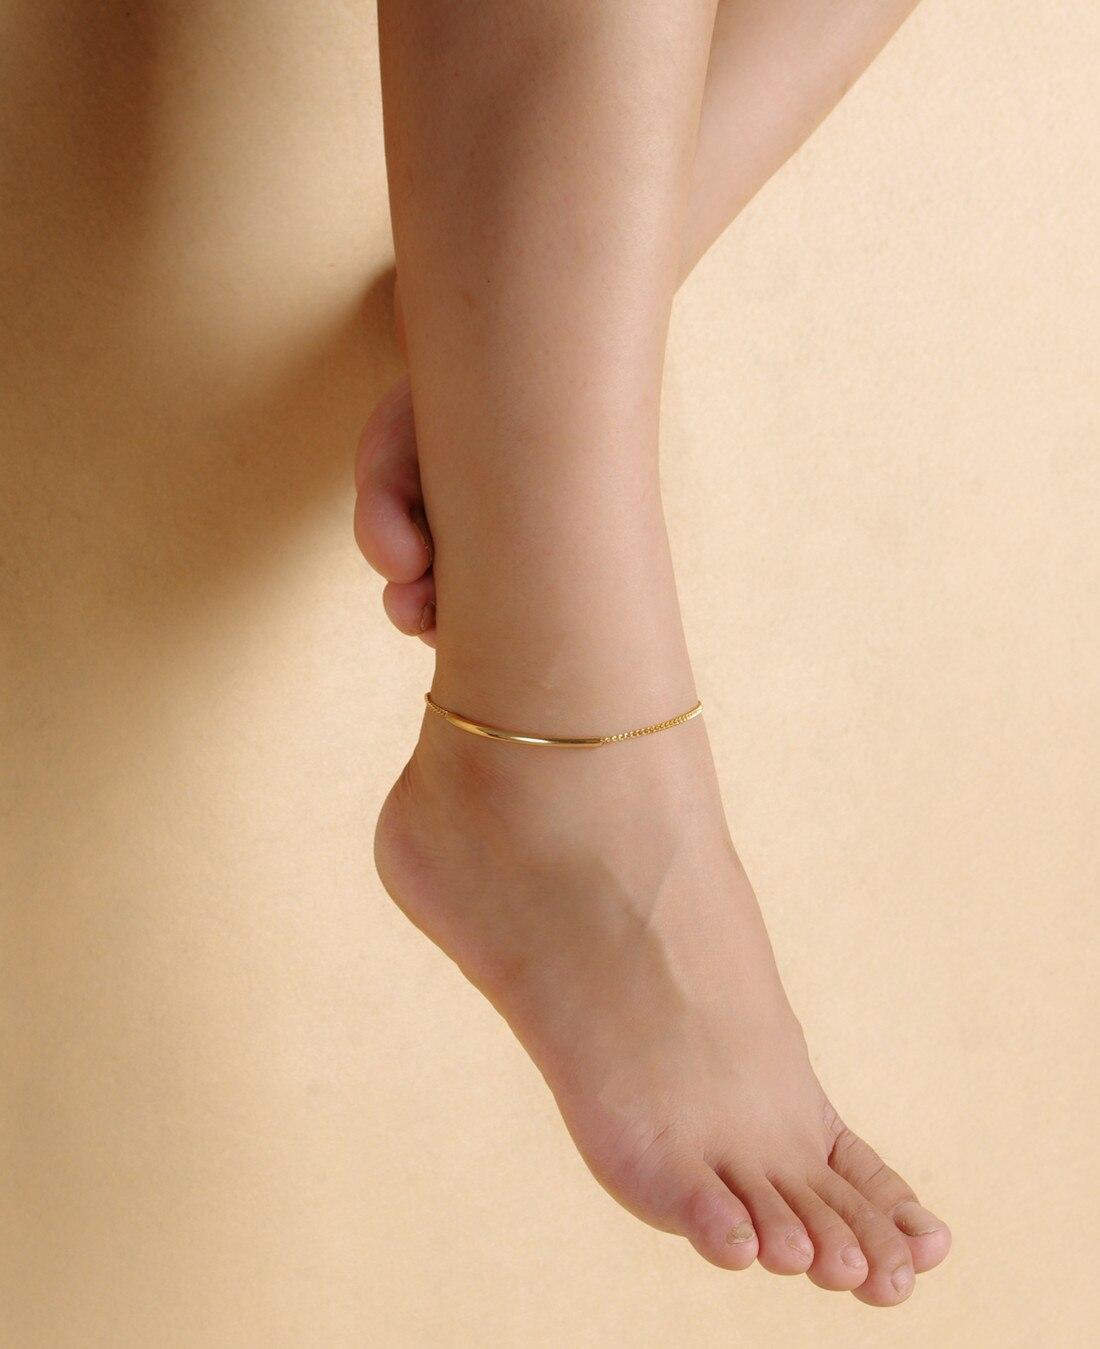 Minimalist Summer Beach Anklet